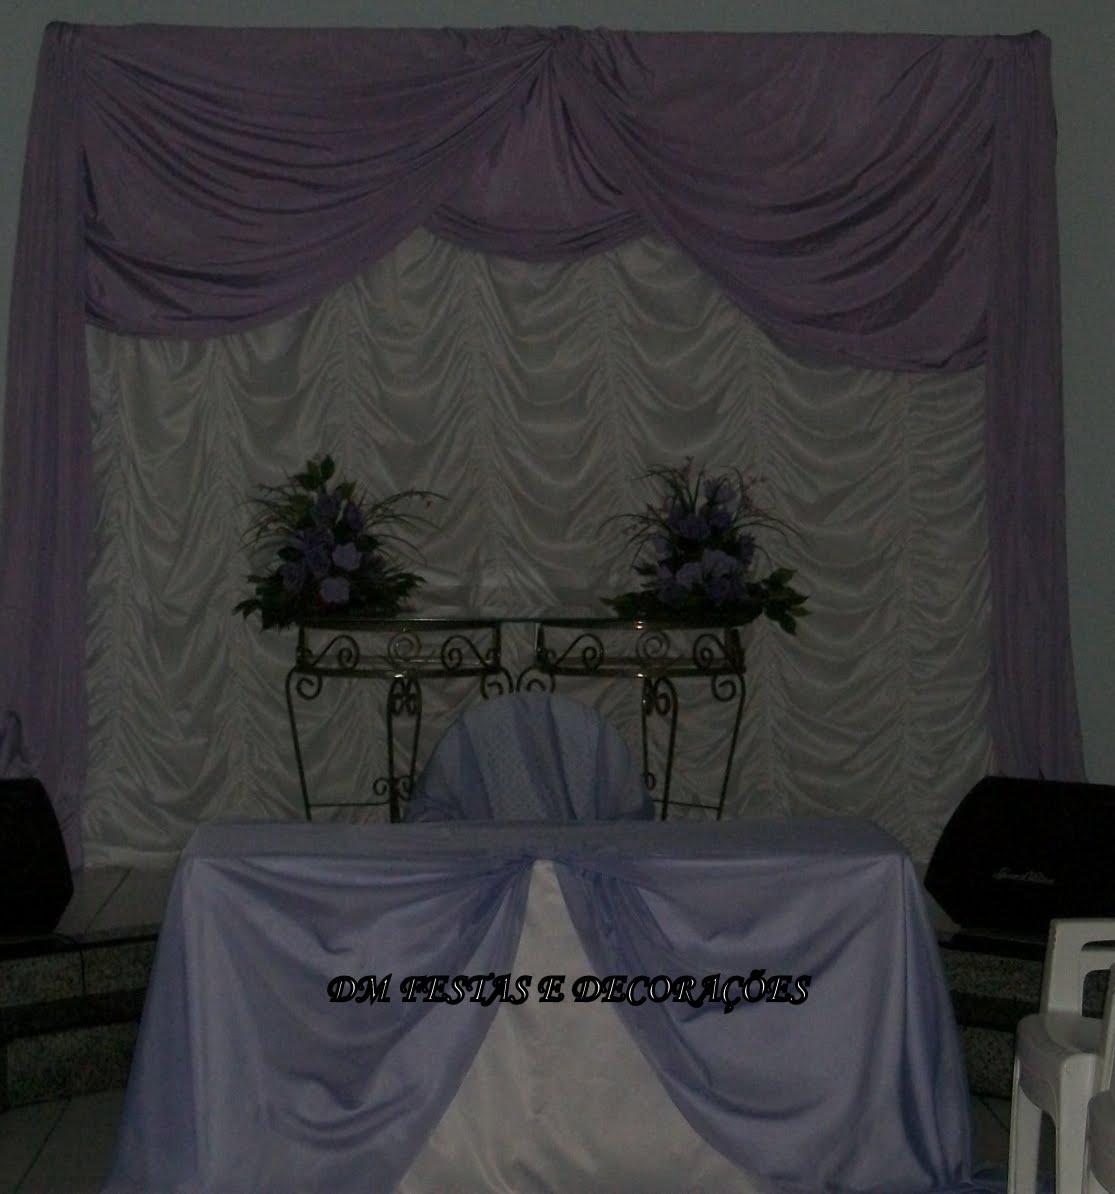 decoracao branco e lilas para casamento:Dm festas e decorações: Decoração de casamento lilás c/ branco